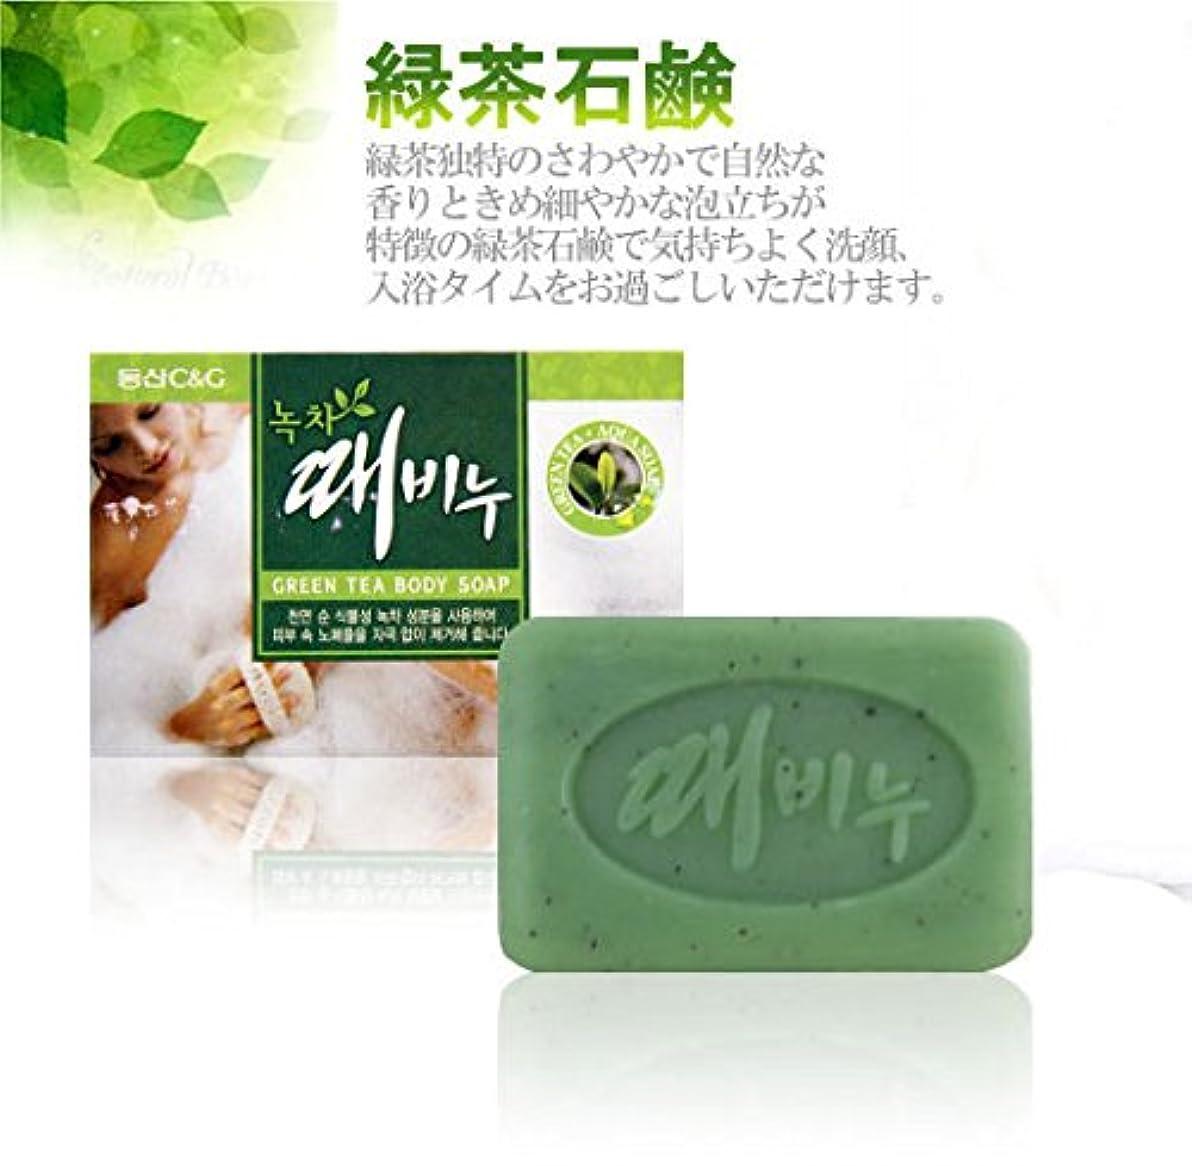 スパンポジション樫の木緑茶石鹸(あかすり石鹸) 100g